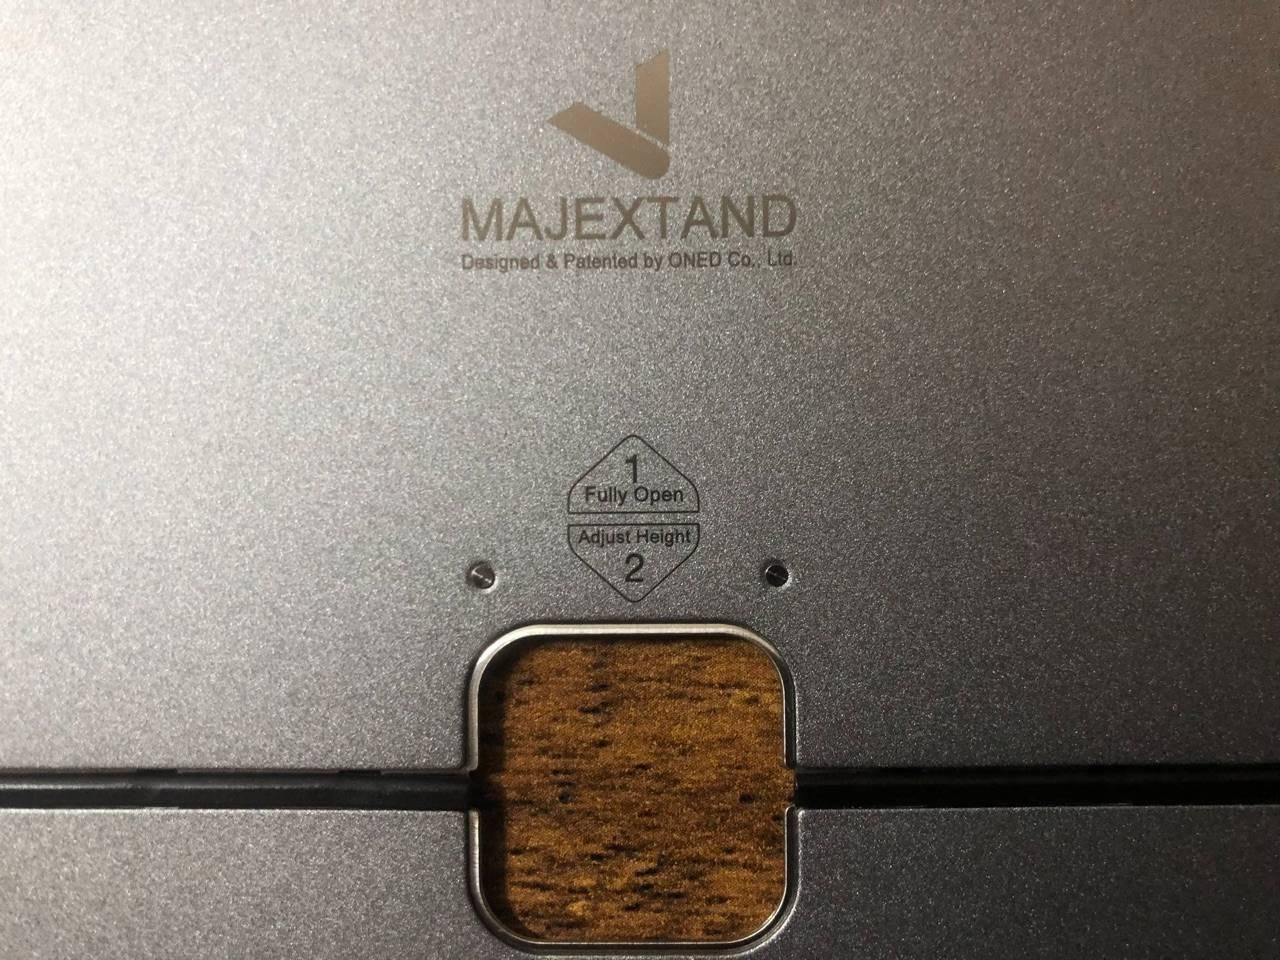 majextand本体に、1番・2番と番号がついており、1番側で1段階、2番側で5段階、合計6段階の高さ調節が可能です。